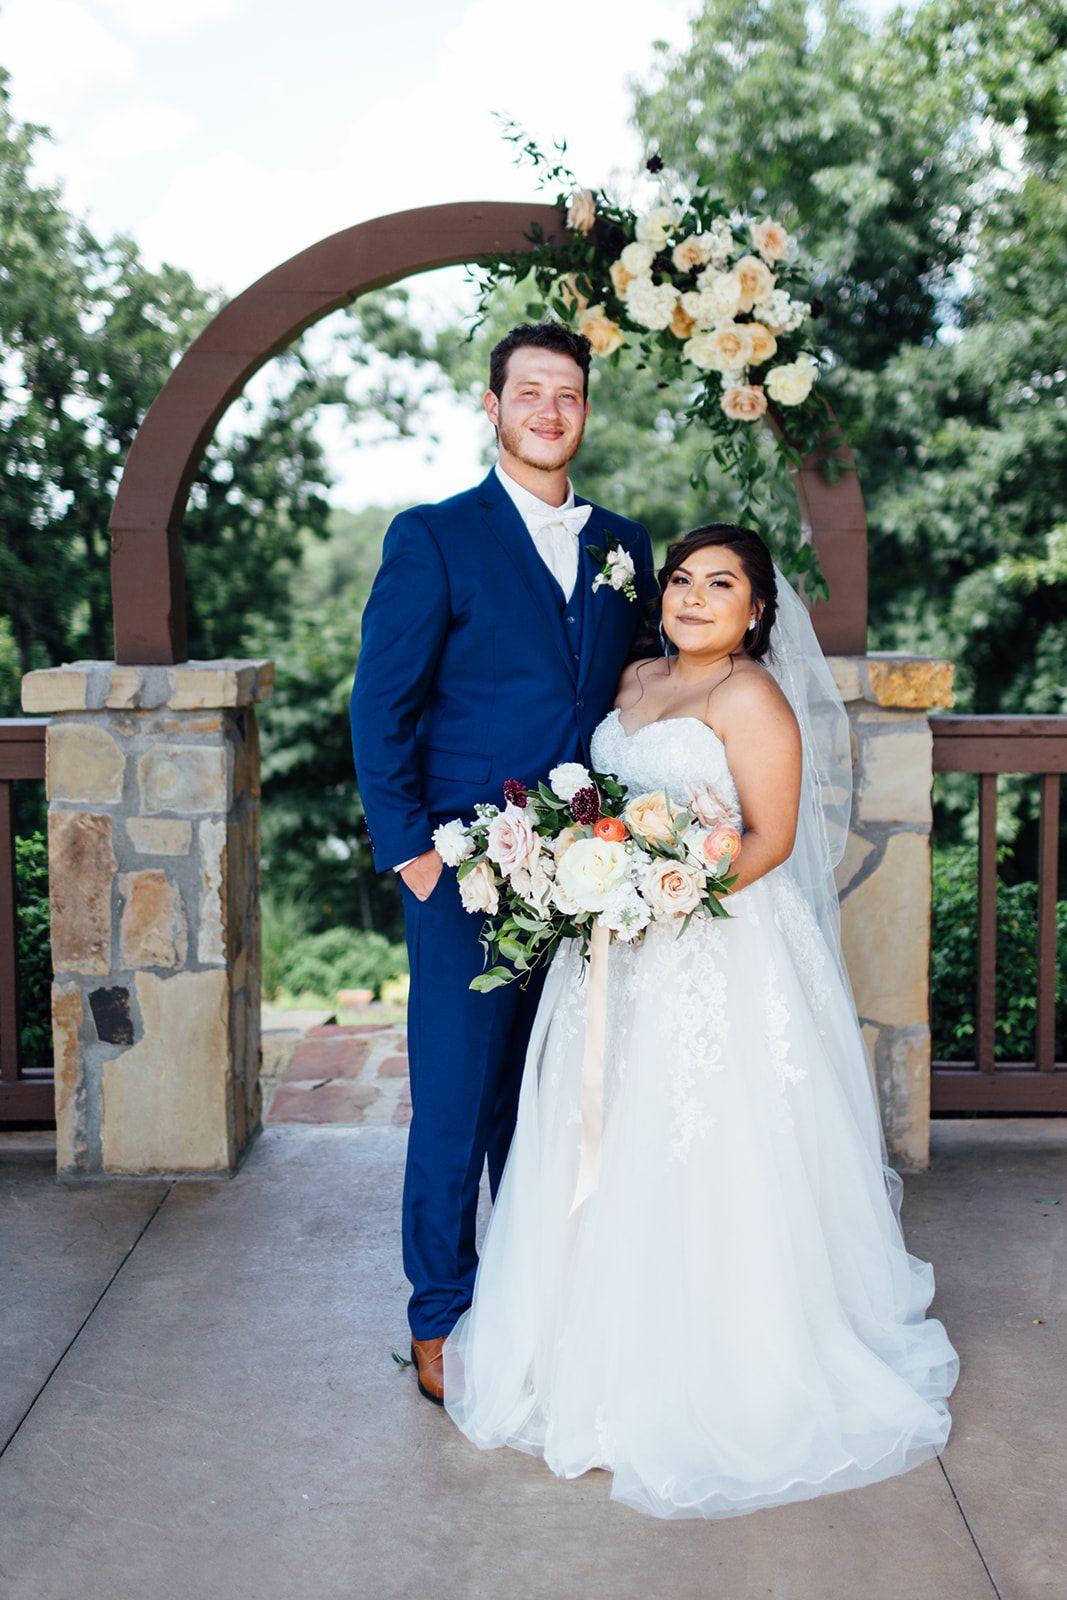 Wedding decorations arch  peach wedding arch decor  peach wedding flowers  outdoor wedding